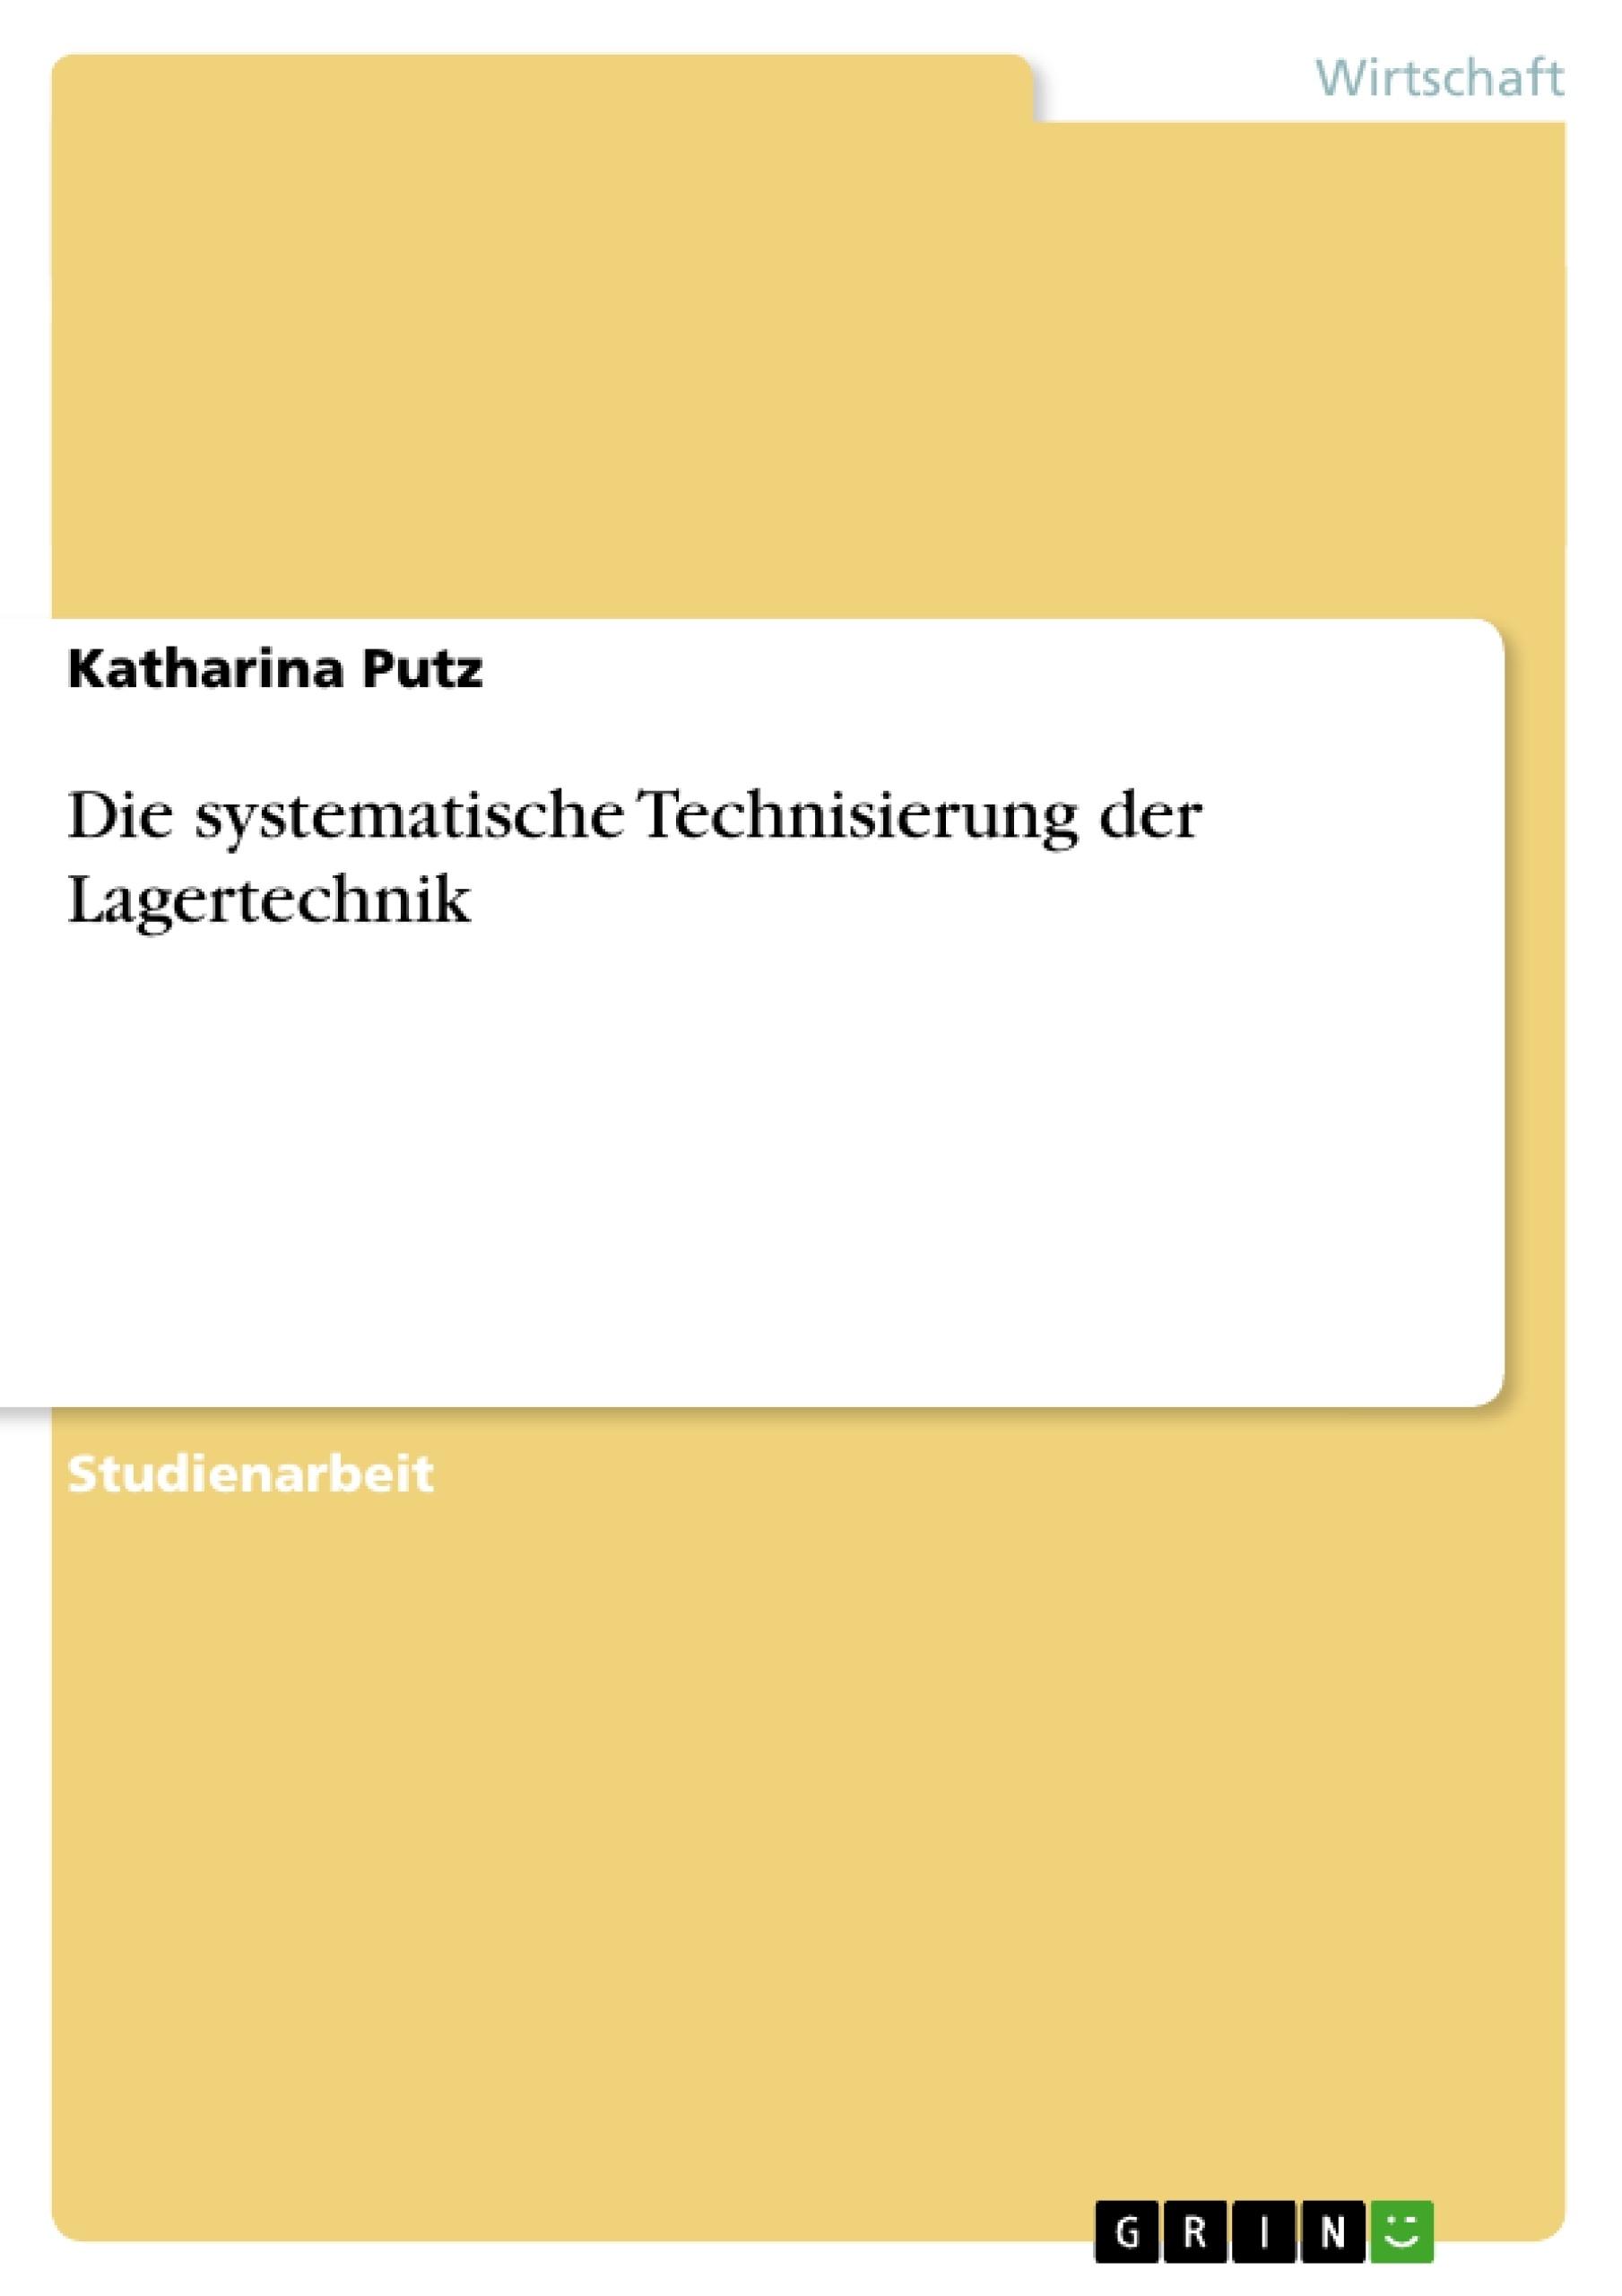 Titel: Die systematische Technisierung der Lagertechnik